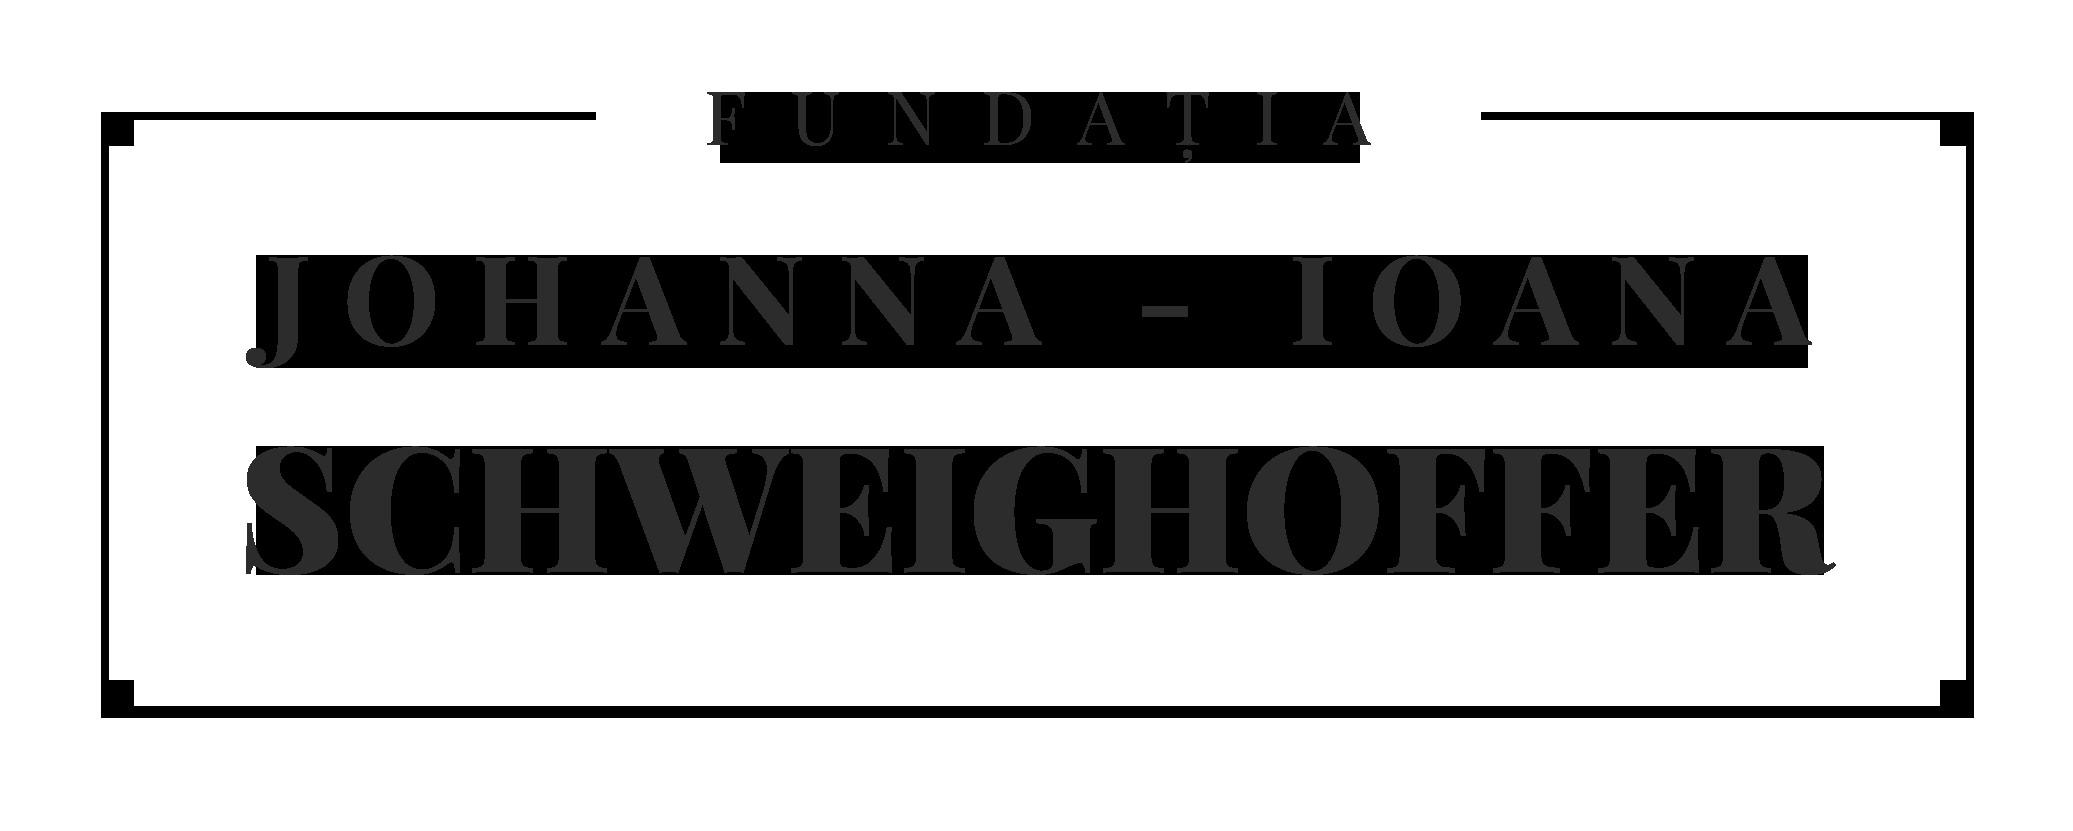 Fundația Johanna-Ioana Schweighoffer